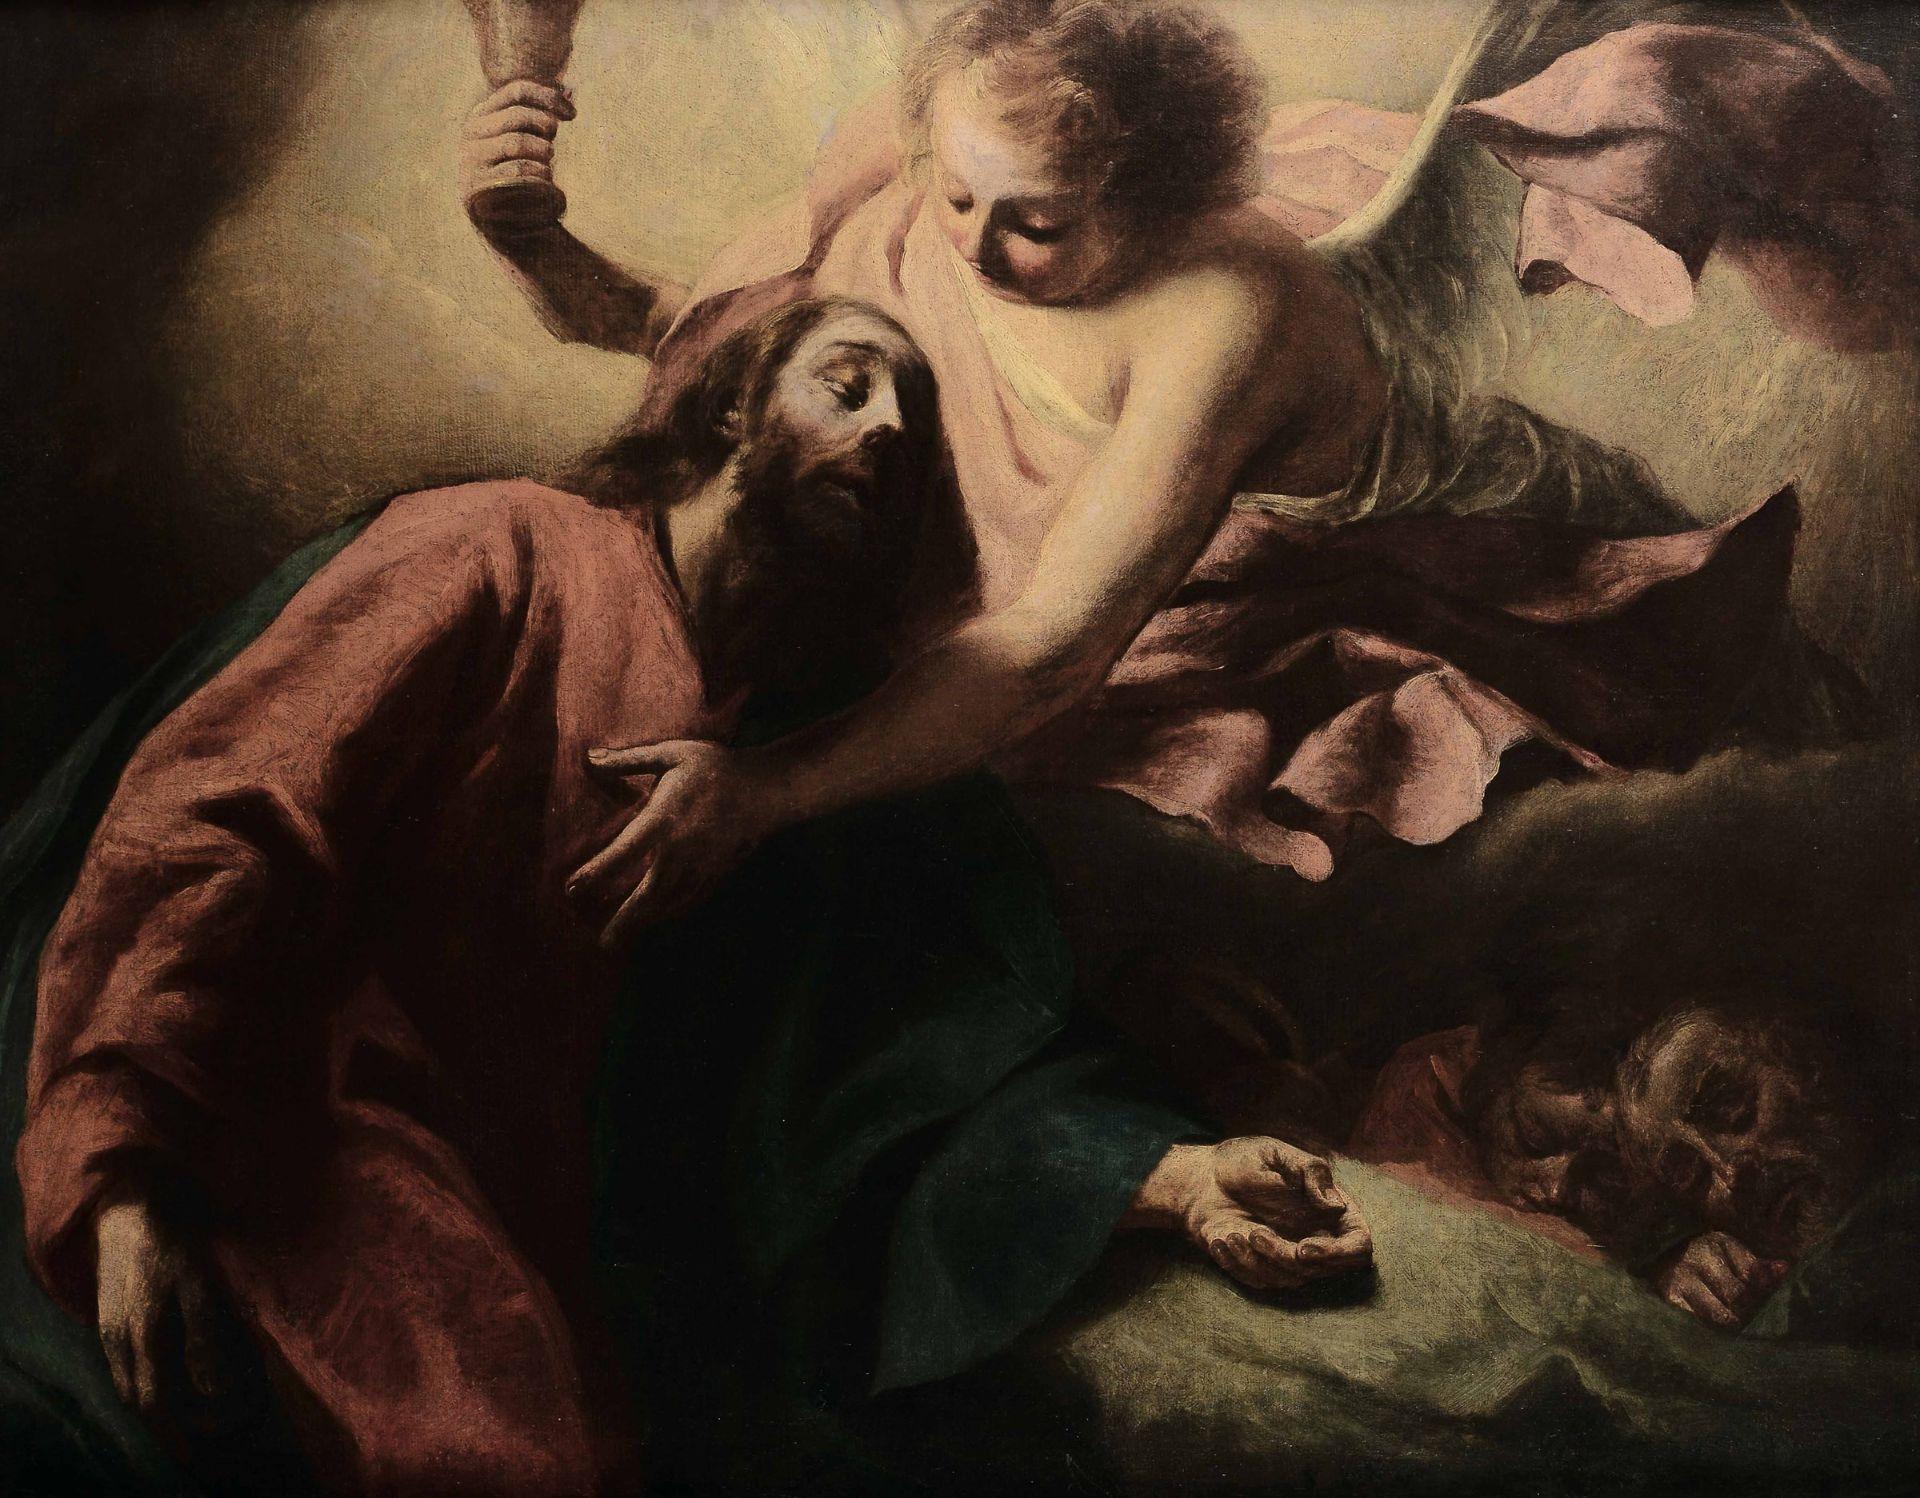 Los 22 - Scuola veneta del XVIII secolo, Orazione nell'orto - olio su tela, cm 91x121,5 -